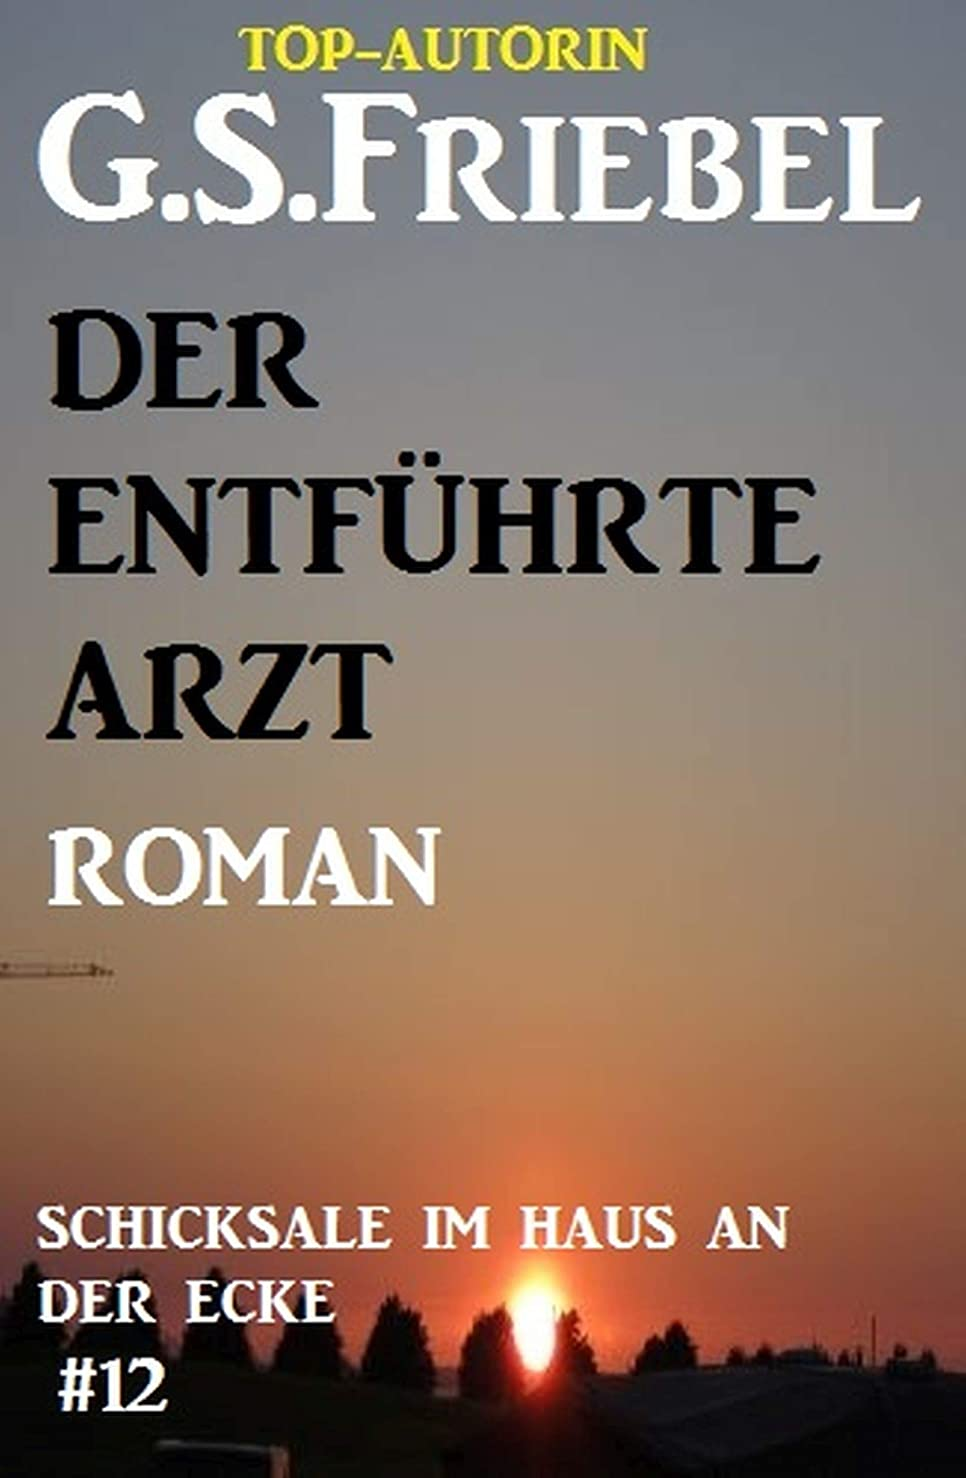 思い出すマイルストーンハンバーガーSchicksale im Haus an der Ecke #12: Der entführte Arzt (German Edition)